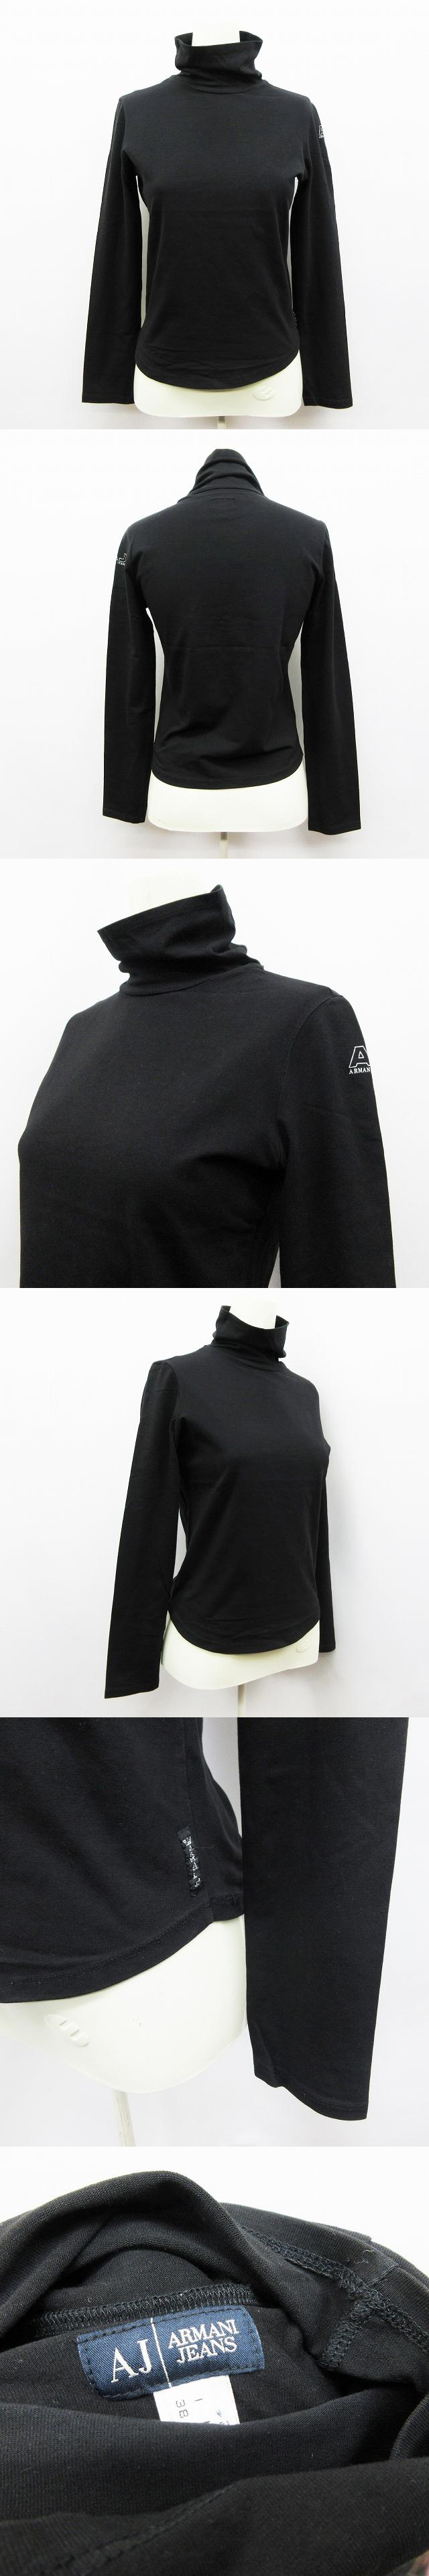 Tシャツ ロンT カットソー 長袖 タートルネック ロゴ 袖プリント 綿 コットン ストレッチ USA 4 (S相当) 黒 ブラック系